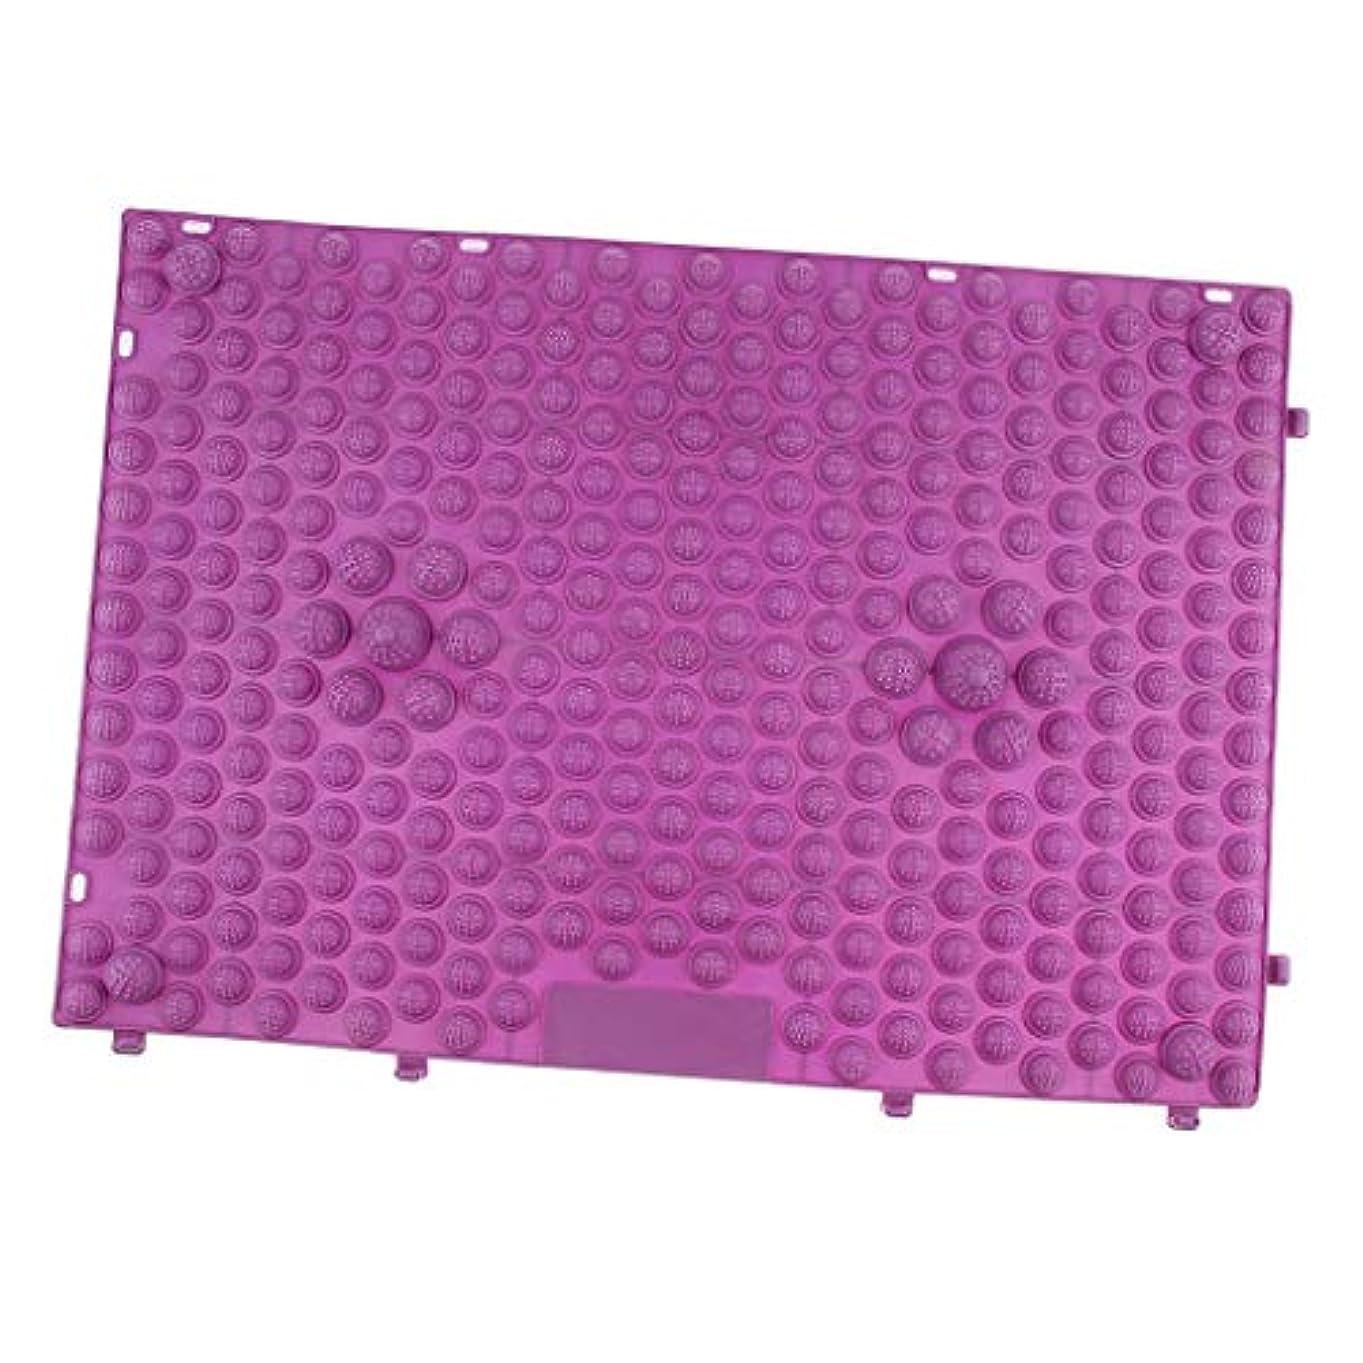 違法正義即席dailymall フットマッサージ マット マッサージパッド マッサージシート 疲労和らげ 多色選べ - 紫